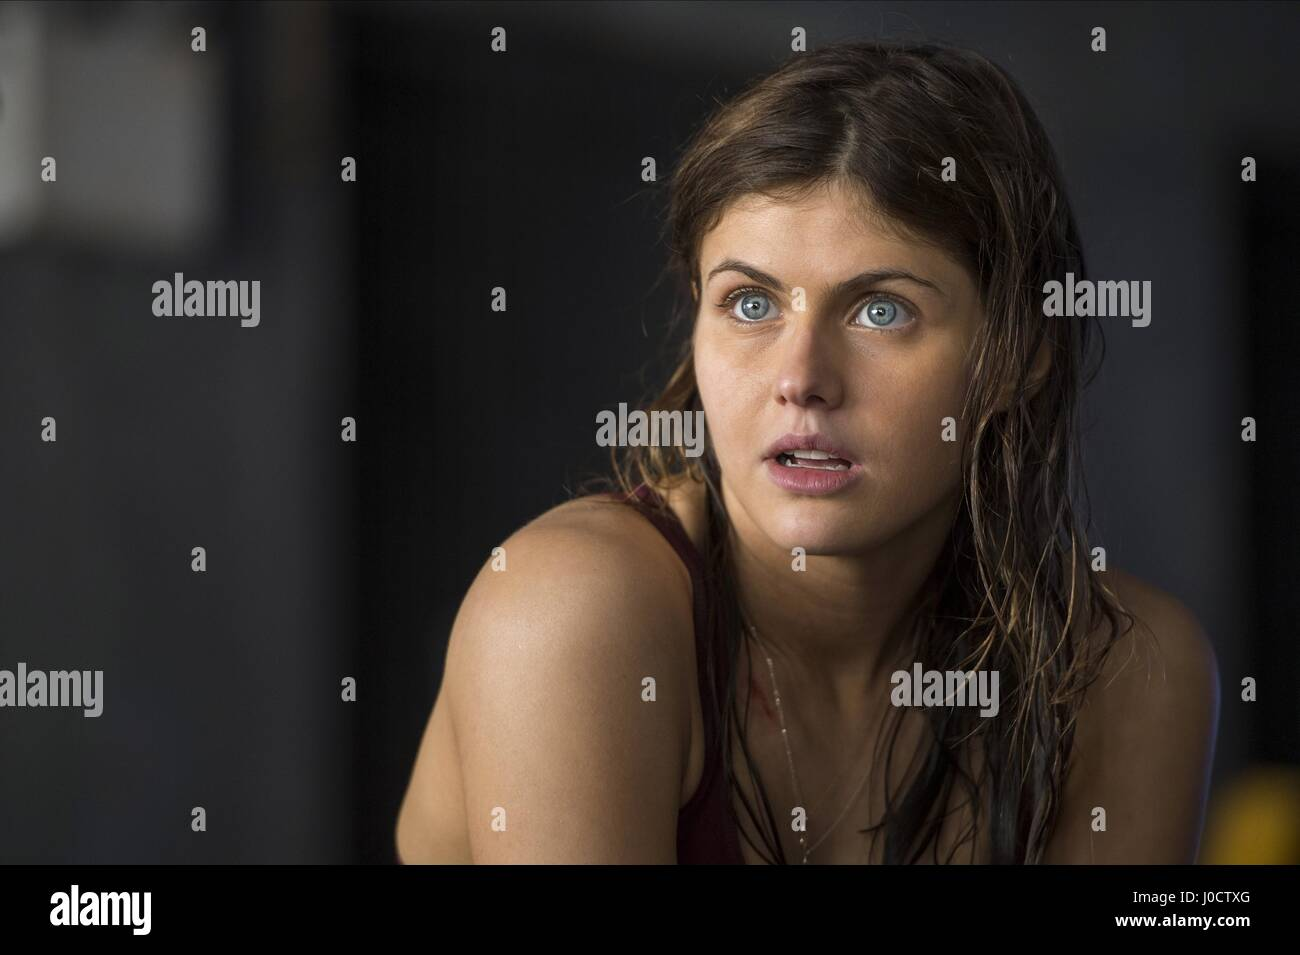 Alexandra Daddario San Andreas 2015 Stock Photo Alamy